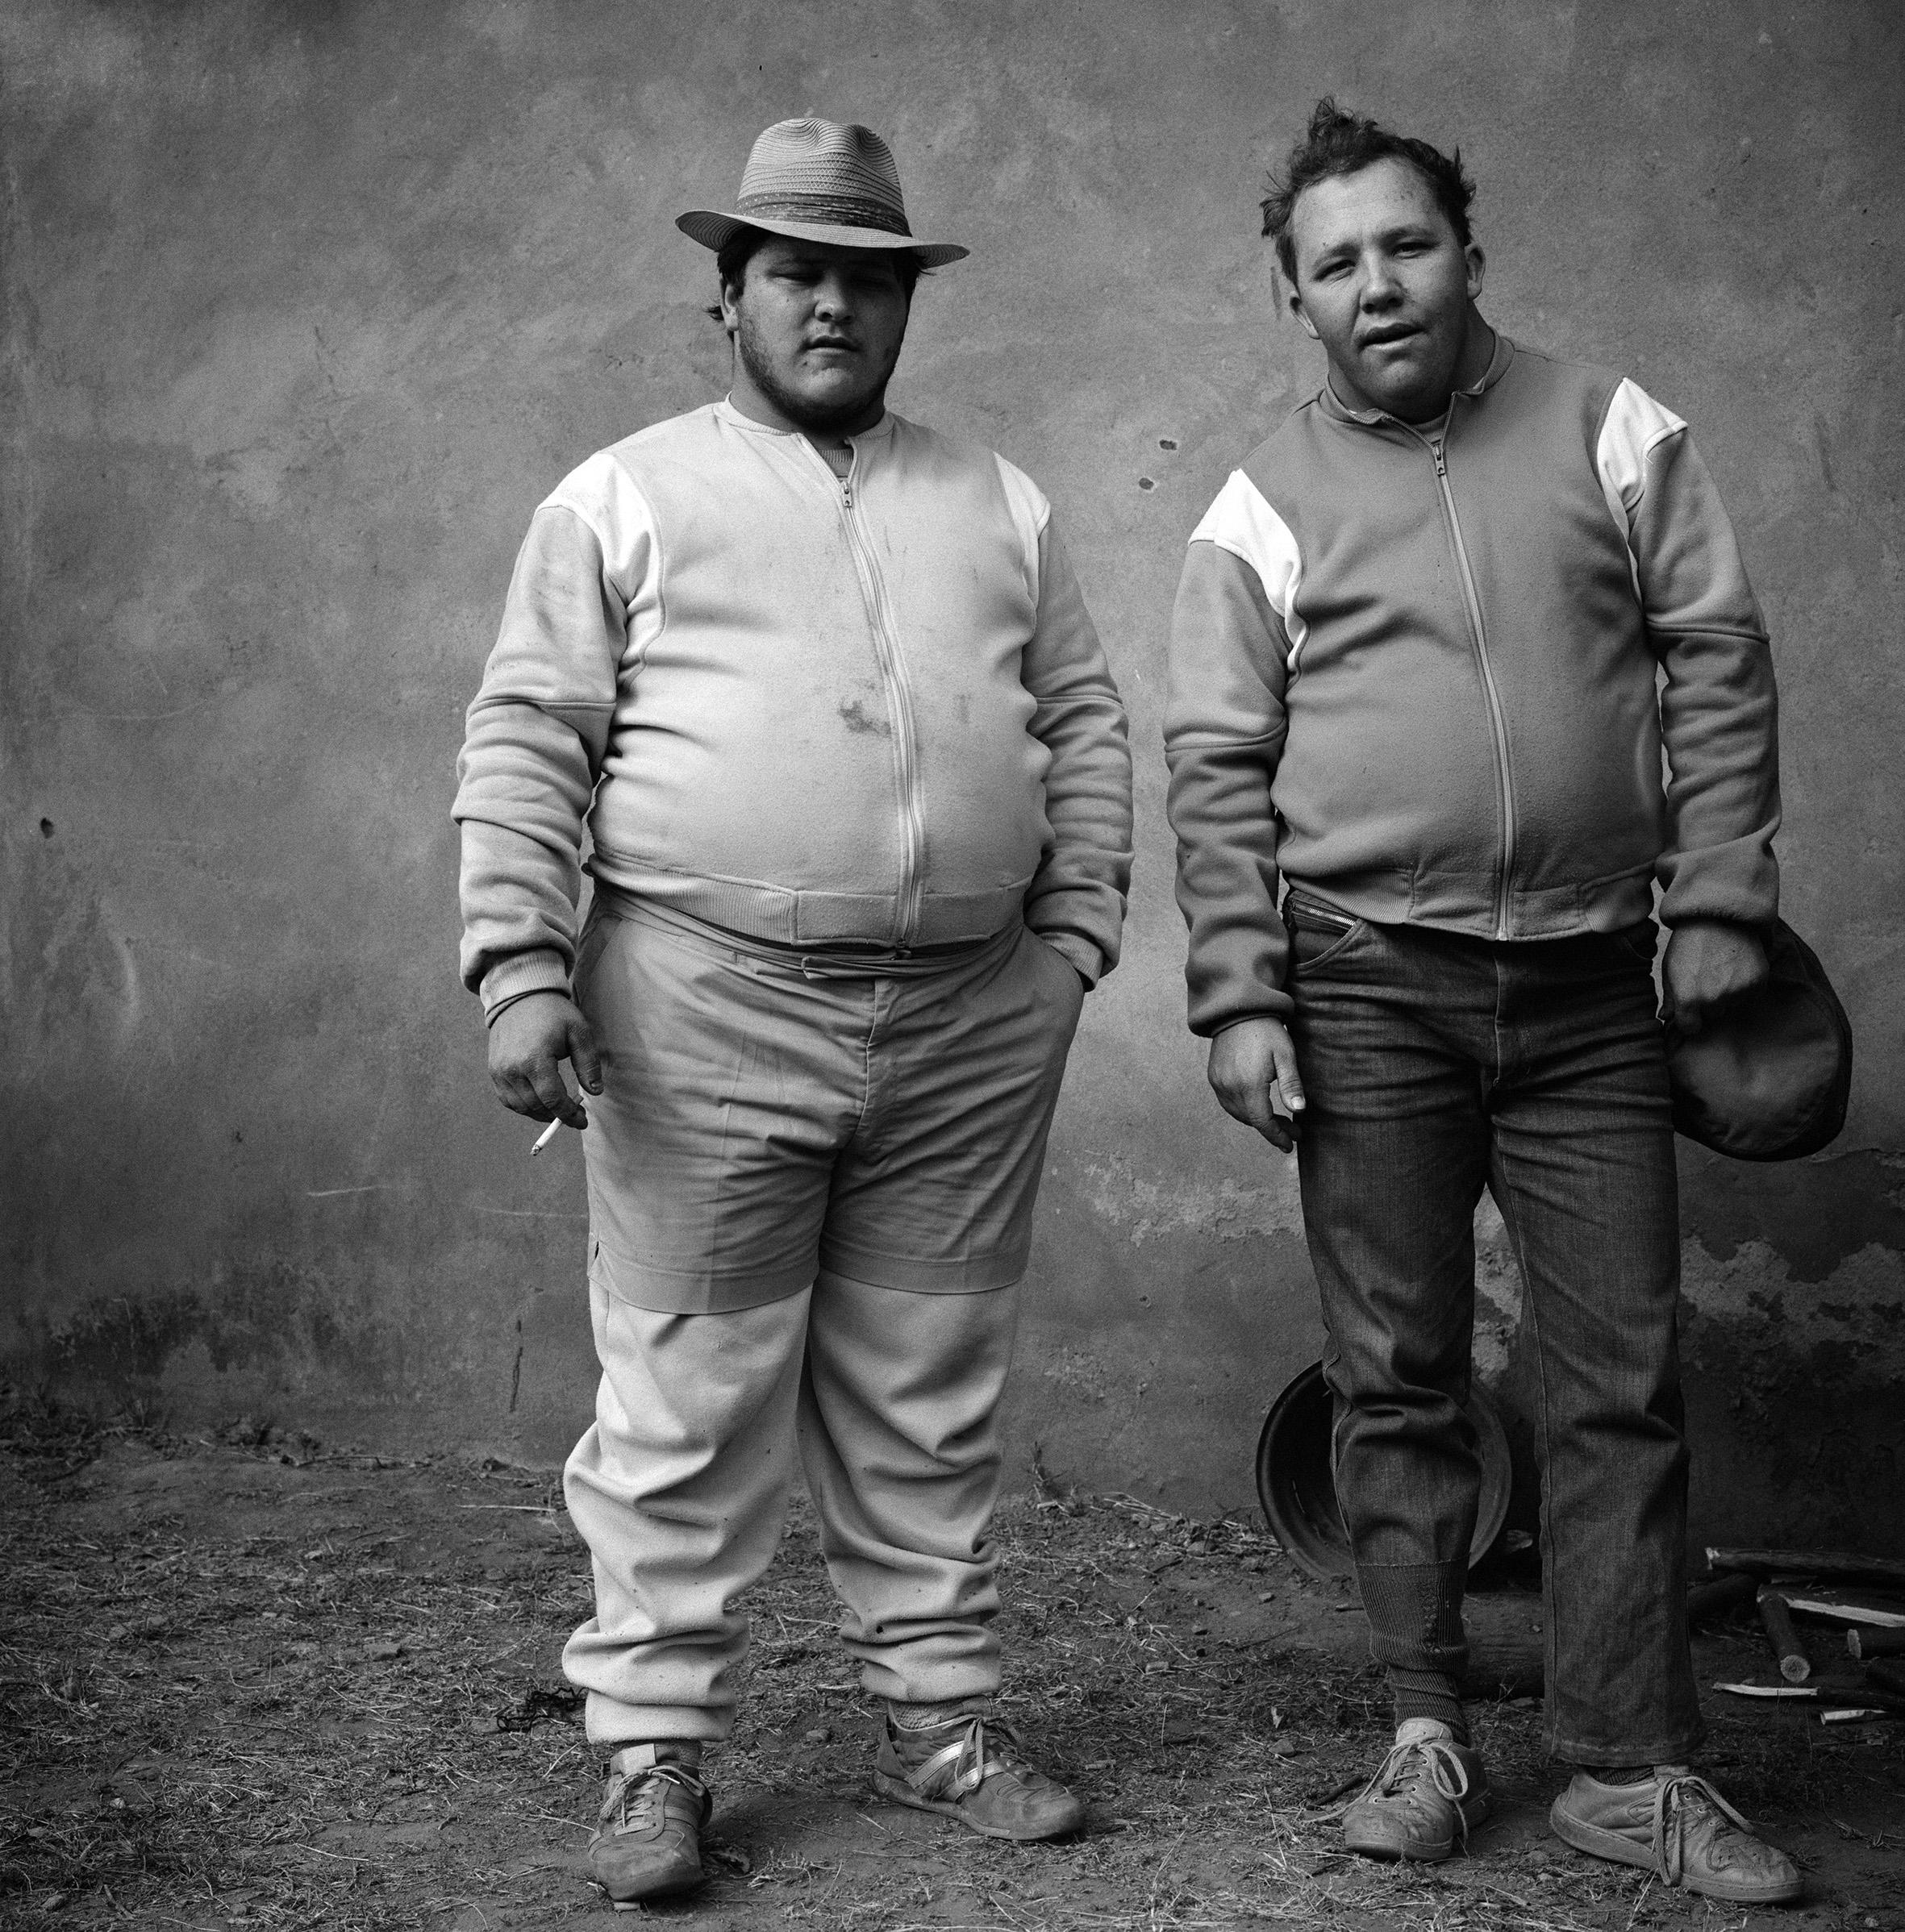 JOHAN AND BERTIE, BROTHERS (1987, WESTERN TRANSVAAL). CREDIT: ROGER BALLEN